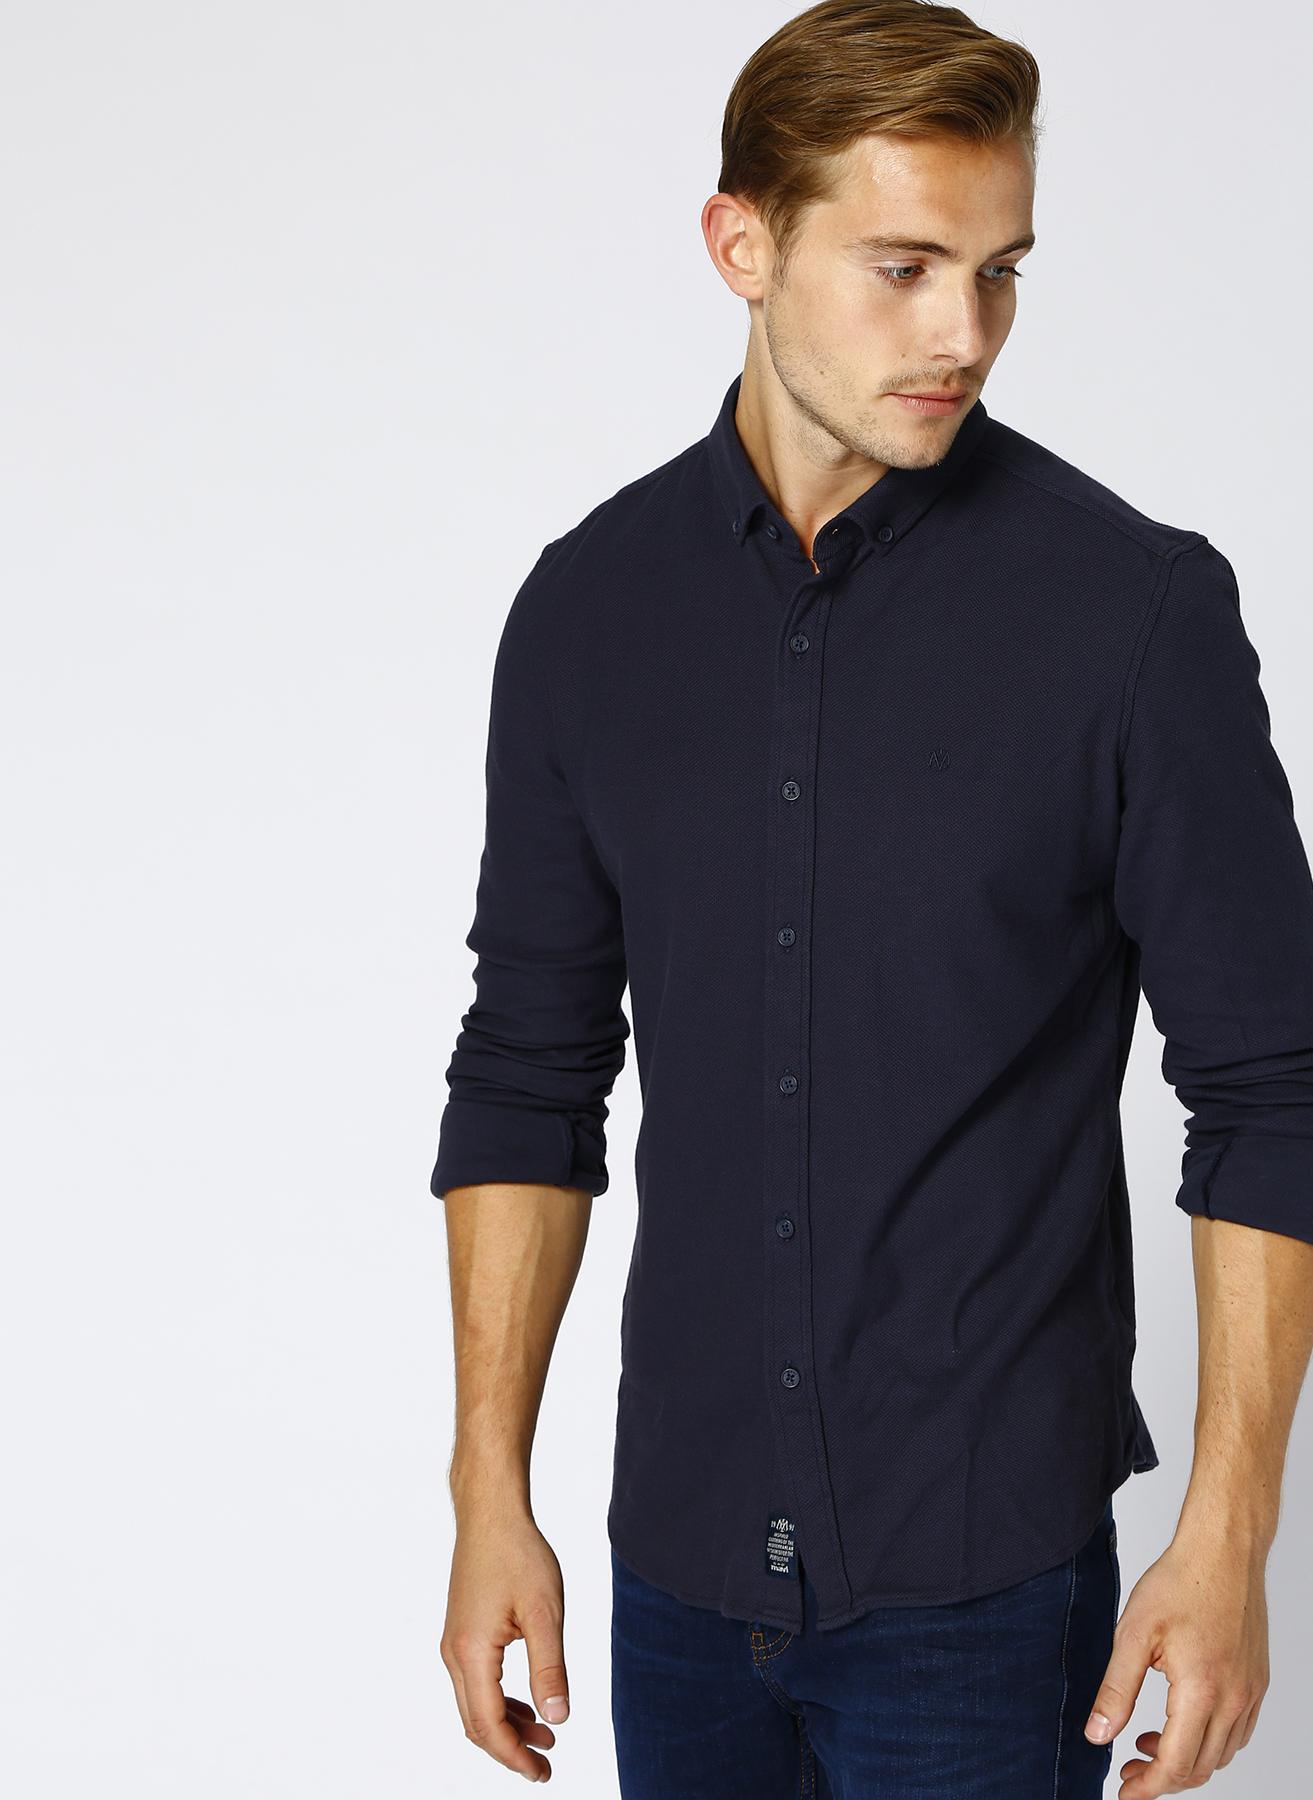 Mavi Düğmeli Yaka Gömlek S 5001634411003 Ürün Resmi